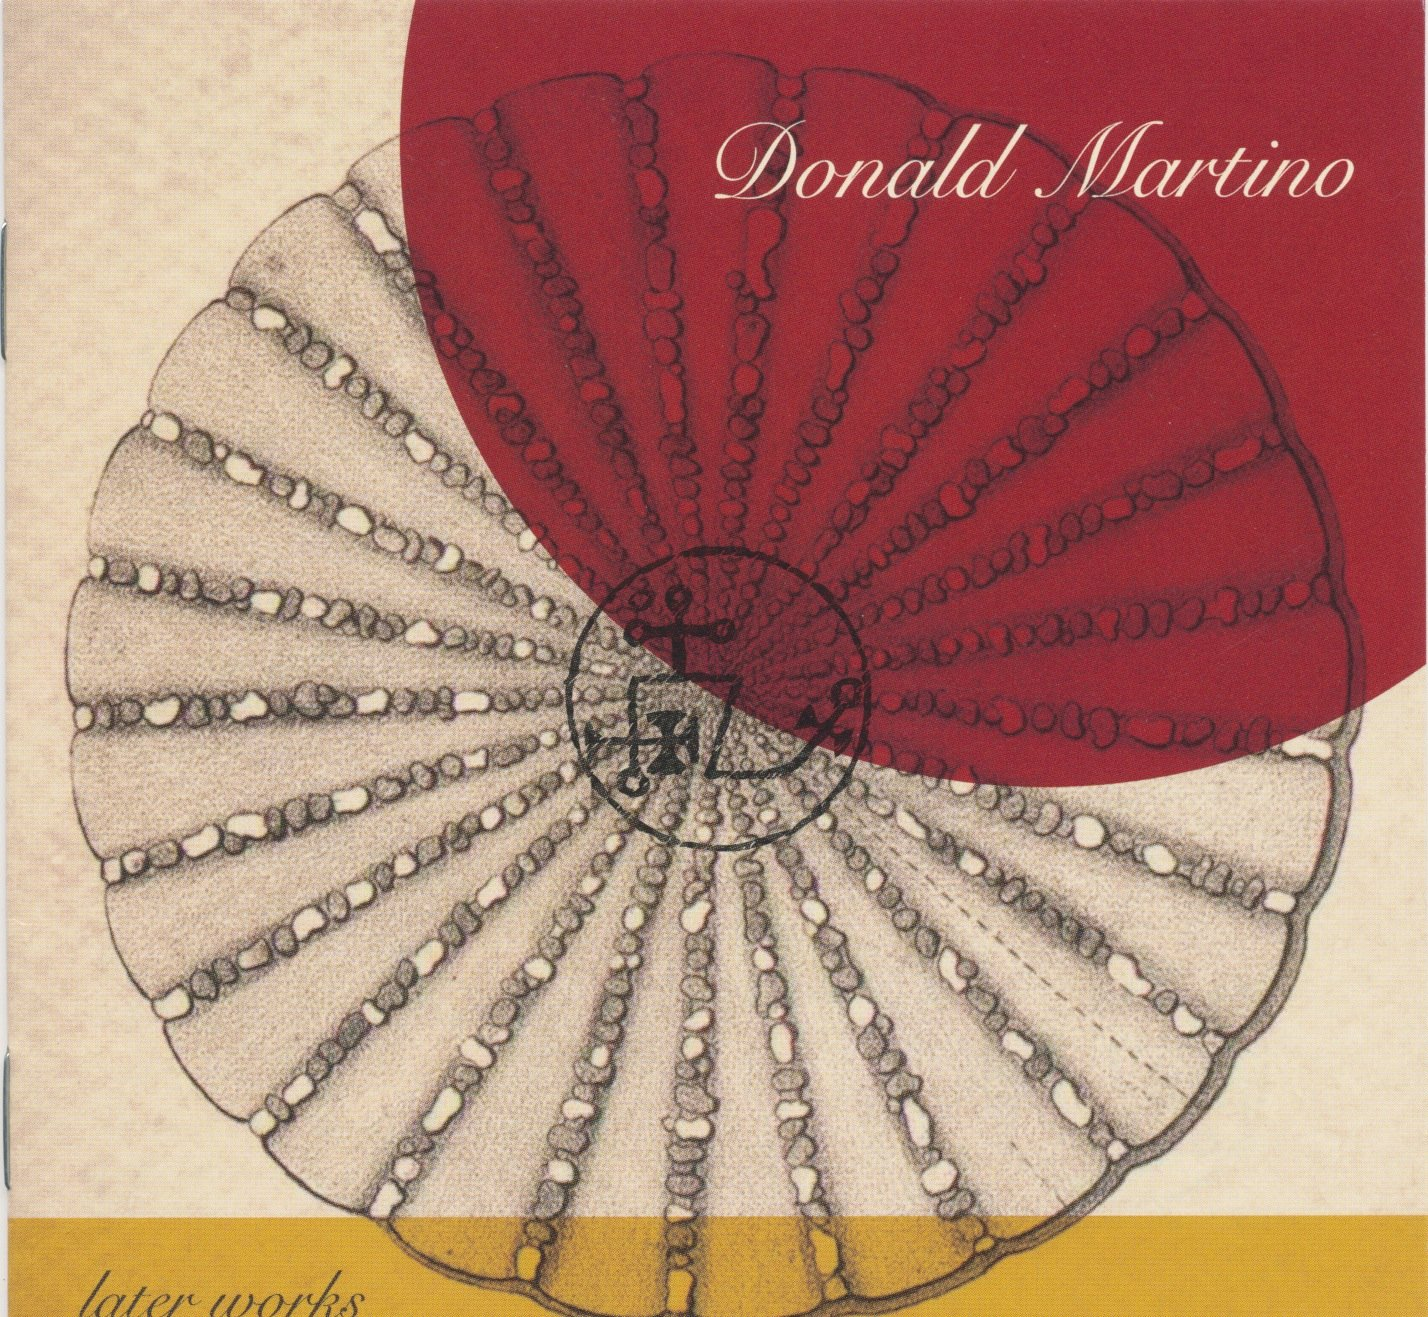 Donald Martino: Chamber Works